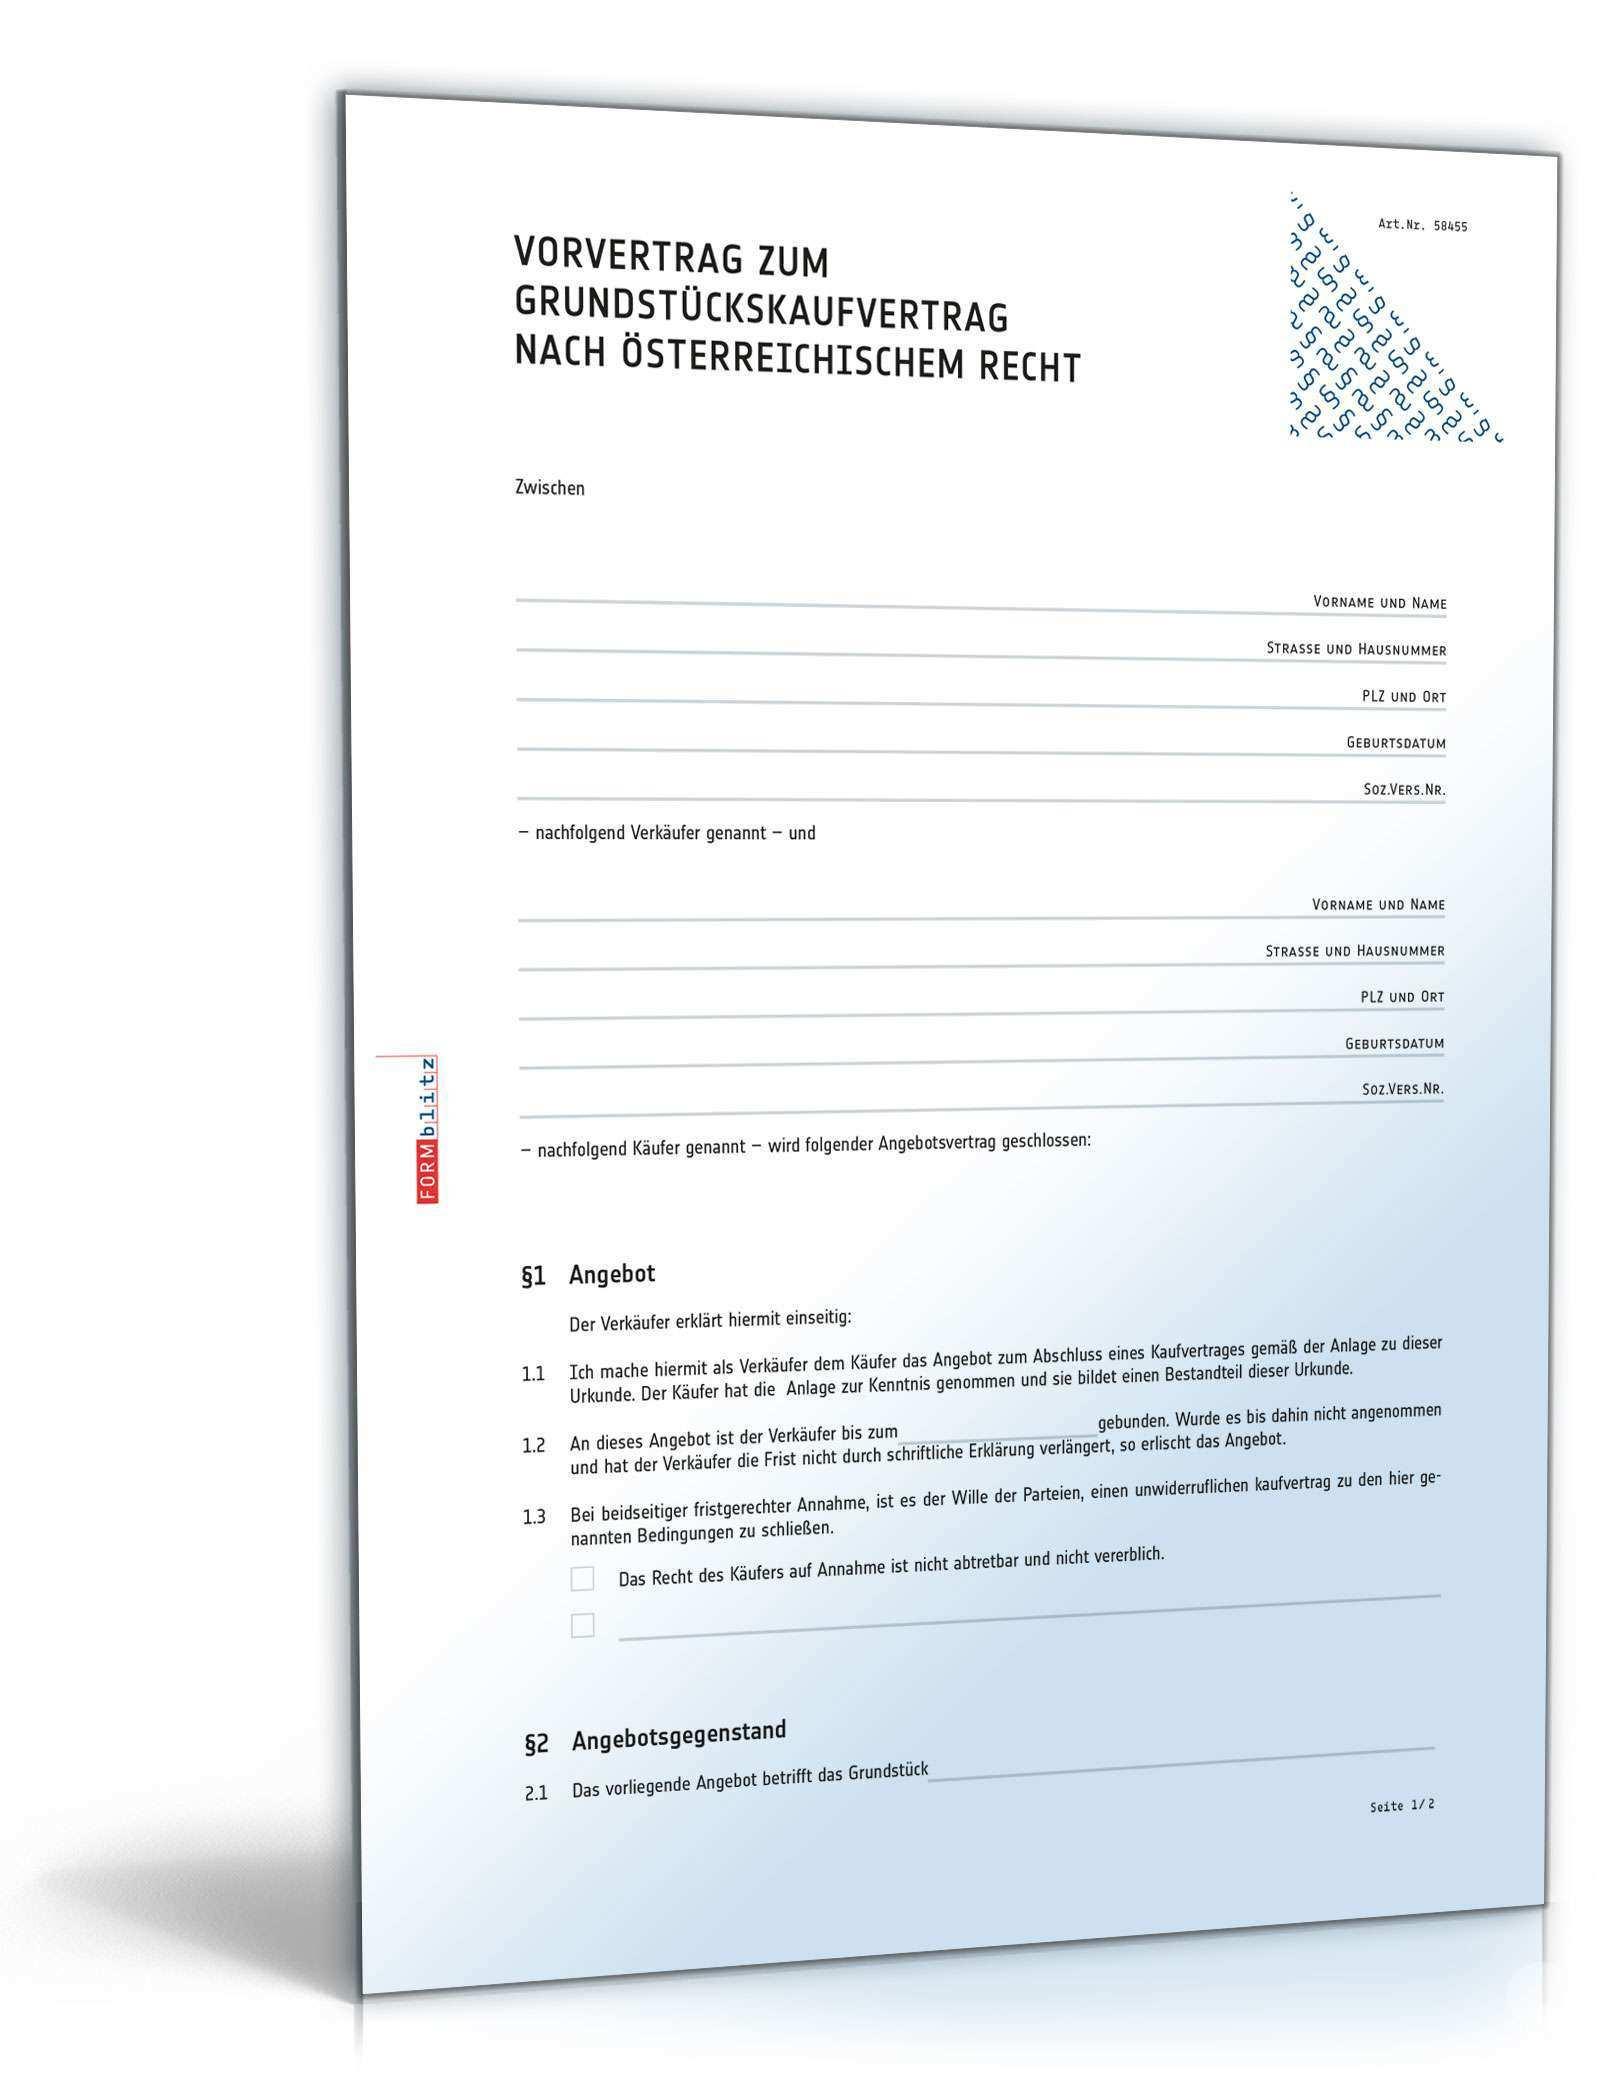 Vorvertrag Zum Grundstuckskaufvertrag Muster Vorlage Zum Download